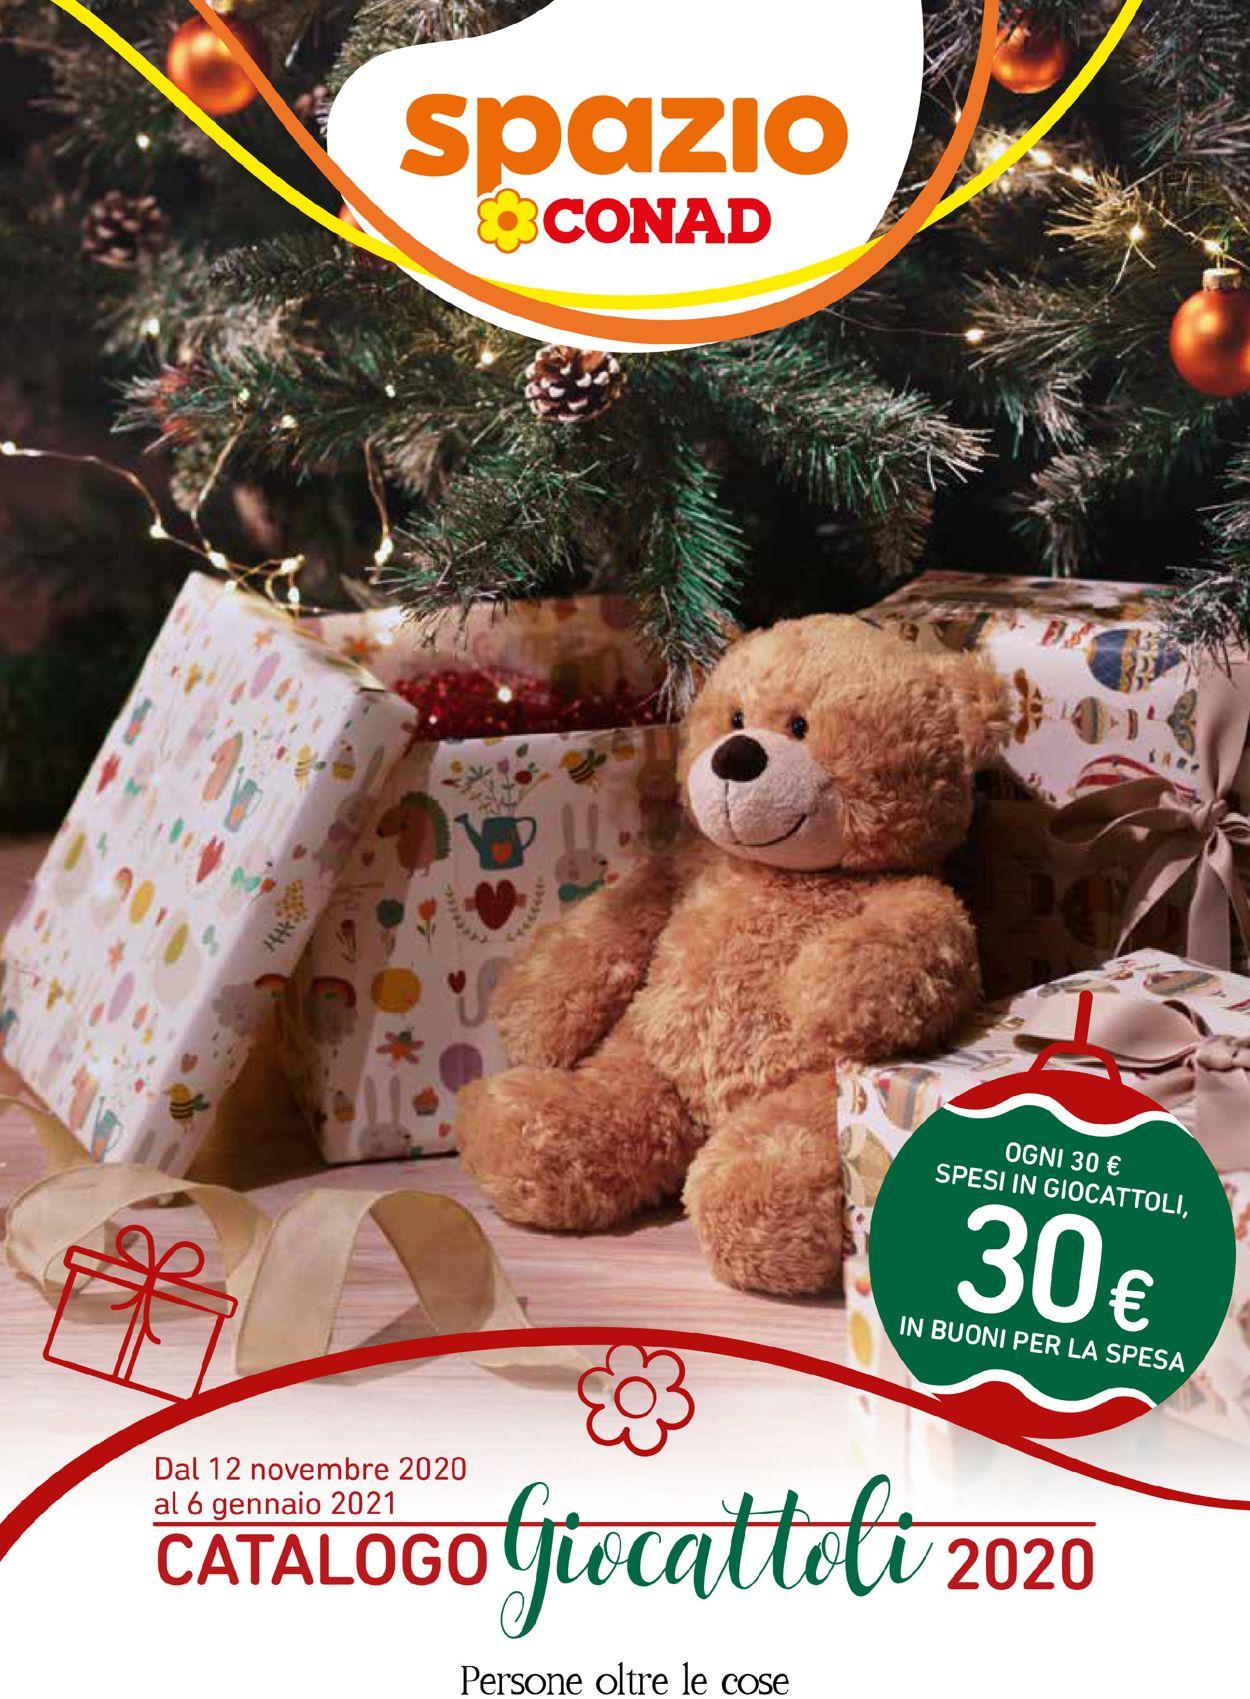 Volantino Conad - Natale 2020 - Offerte 12/11-06/01/2021